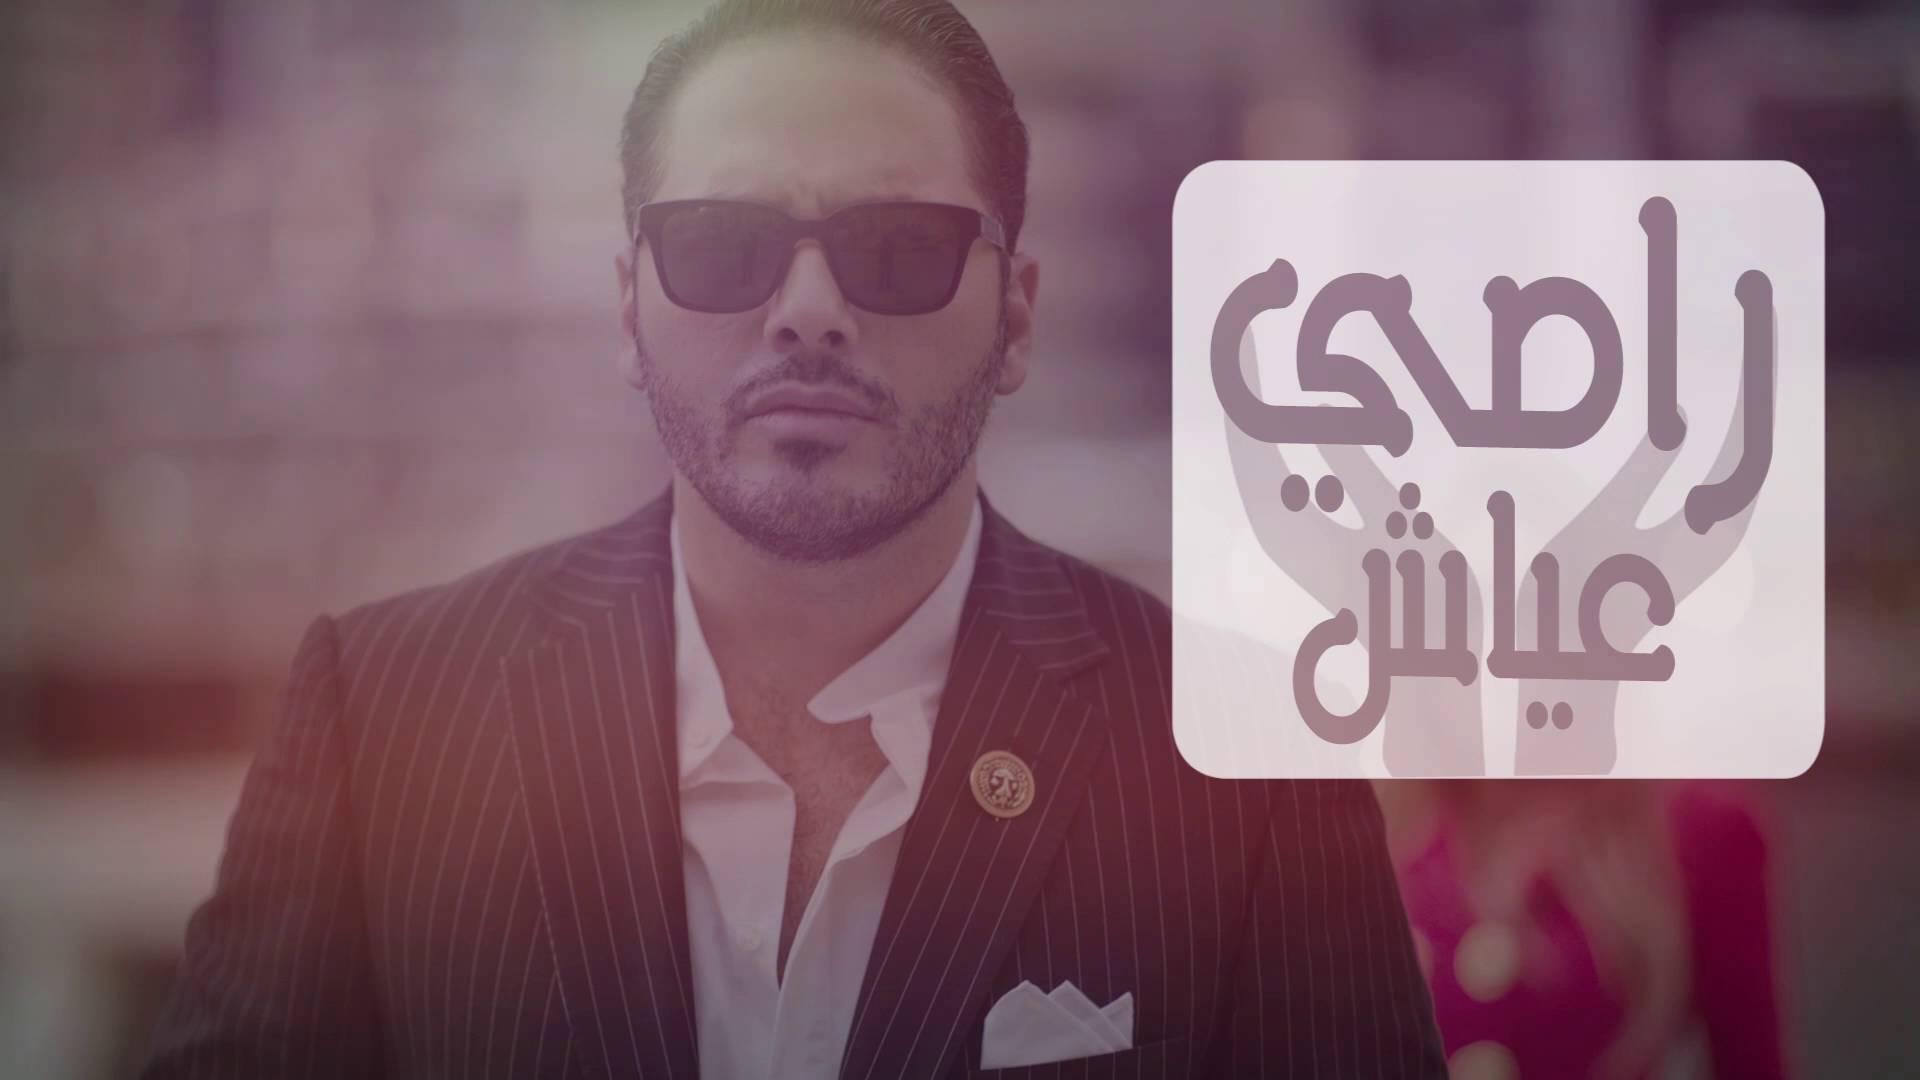 أخيرا..رامي عياش يطلق أغنيته بالمغربية!!